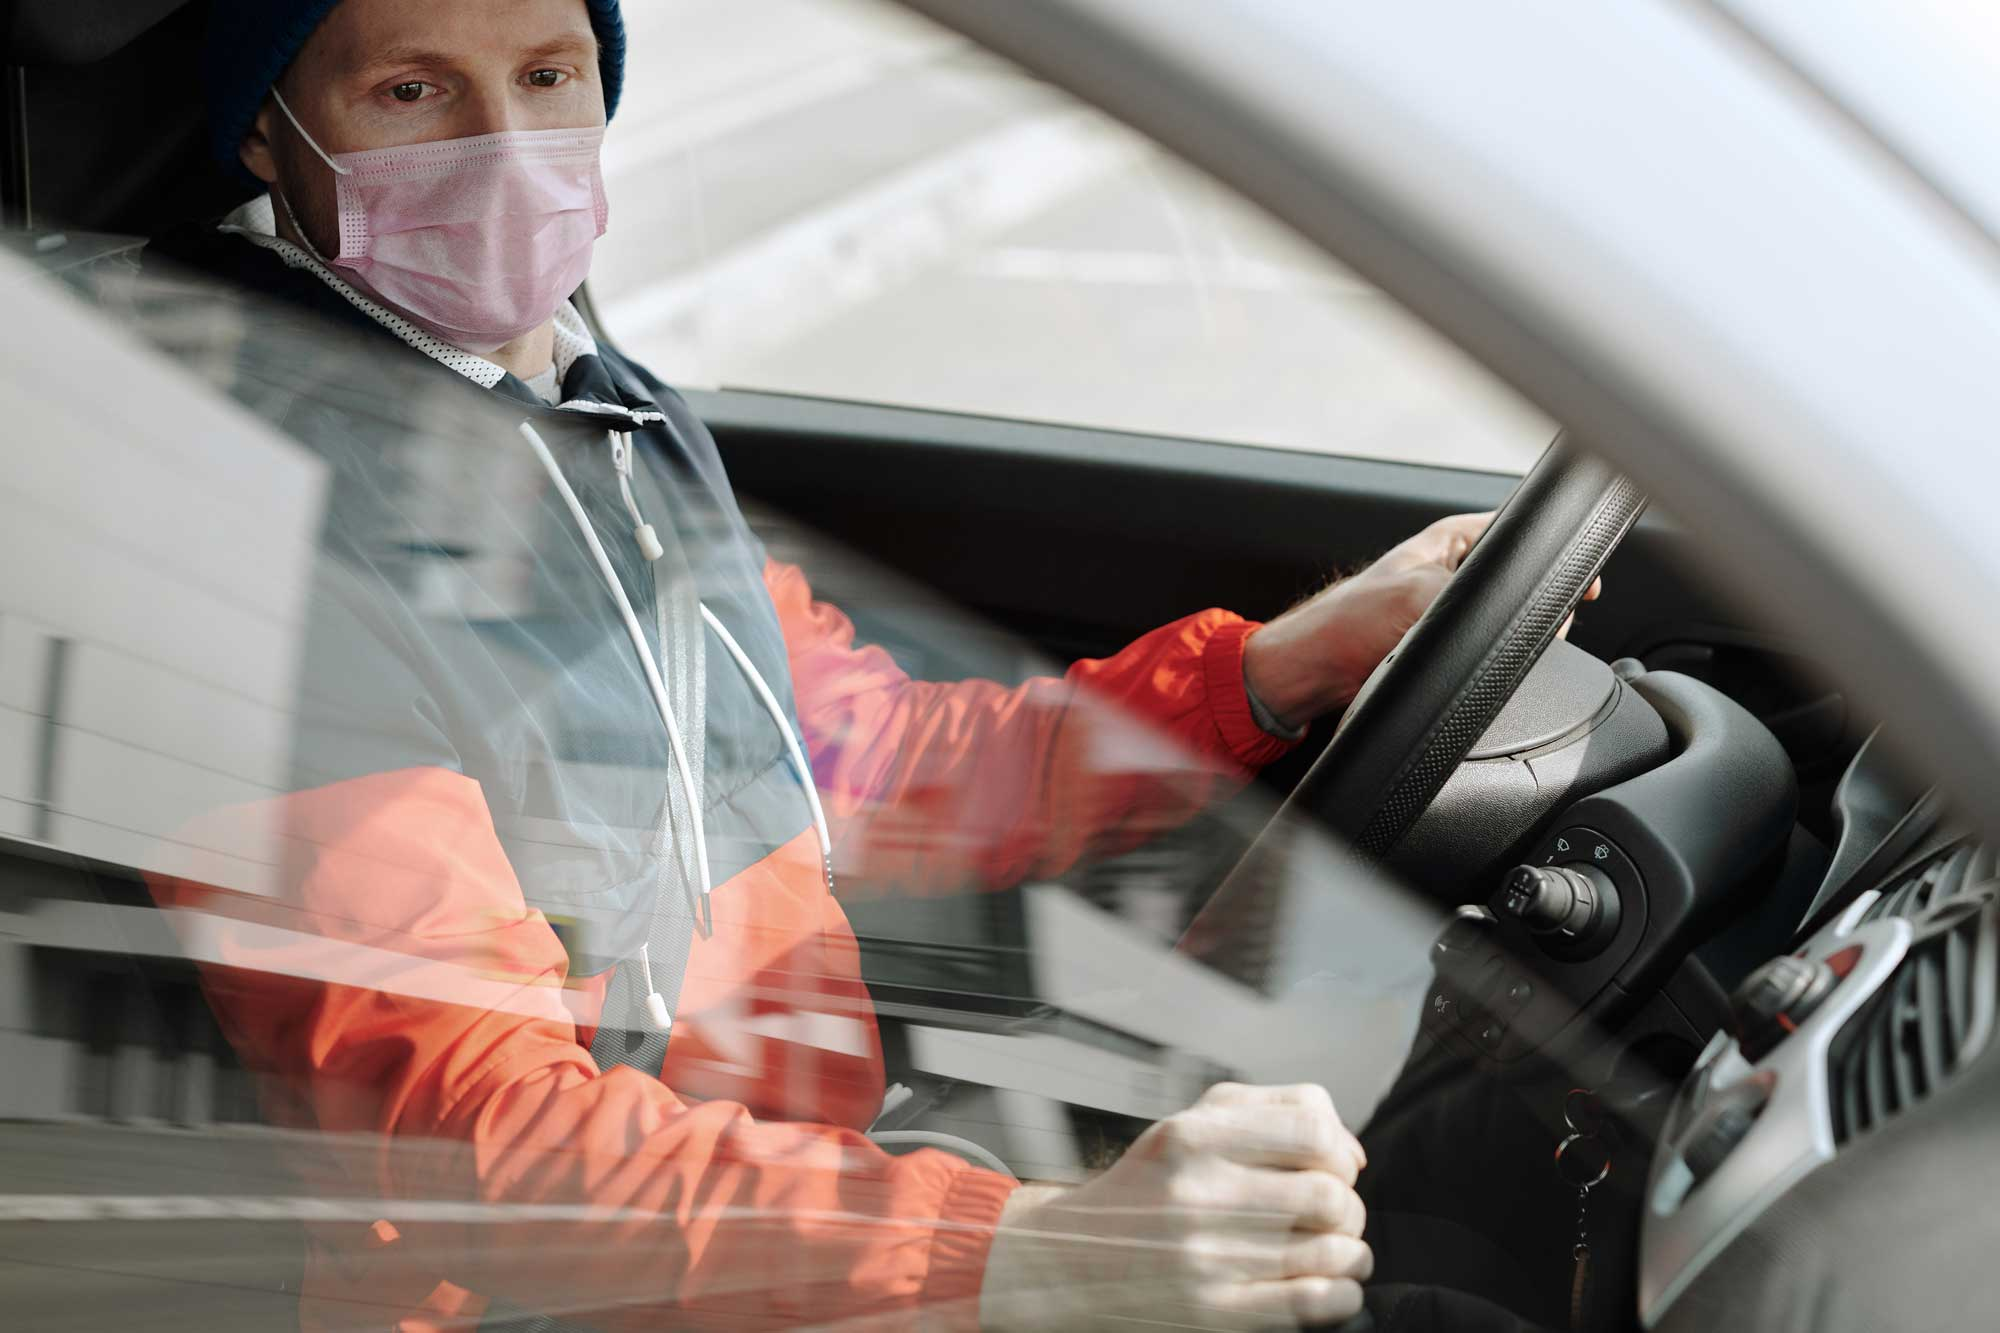 Finestrino Dell'auto Bloccato? Affidati A Mio Carrozziere